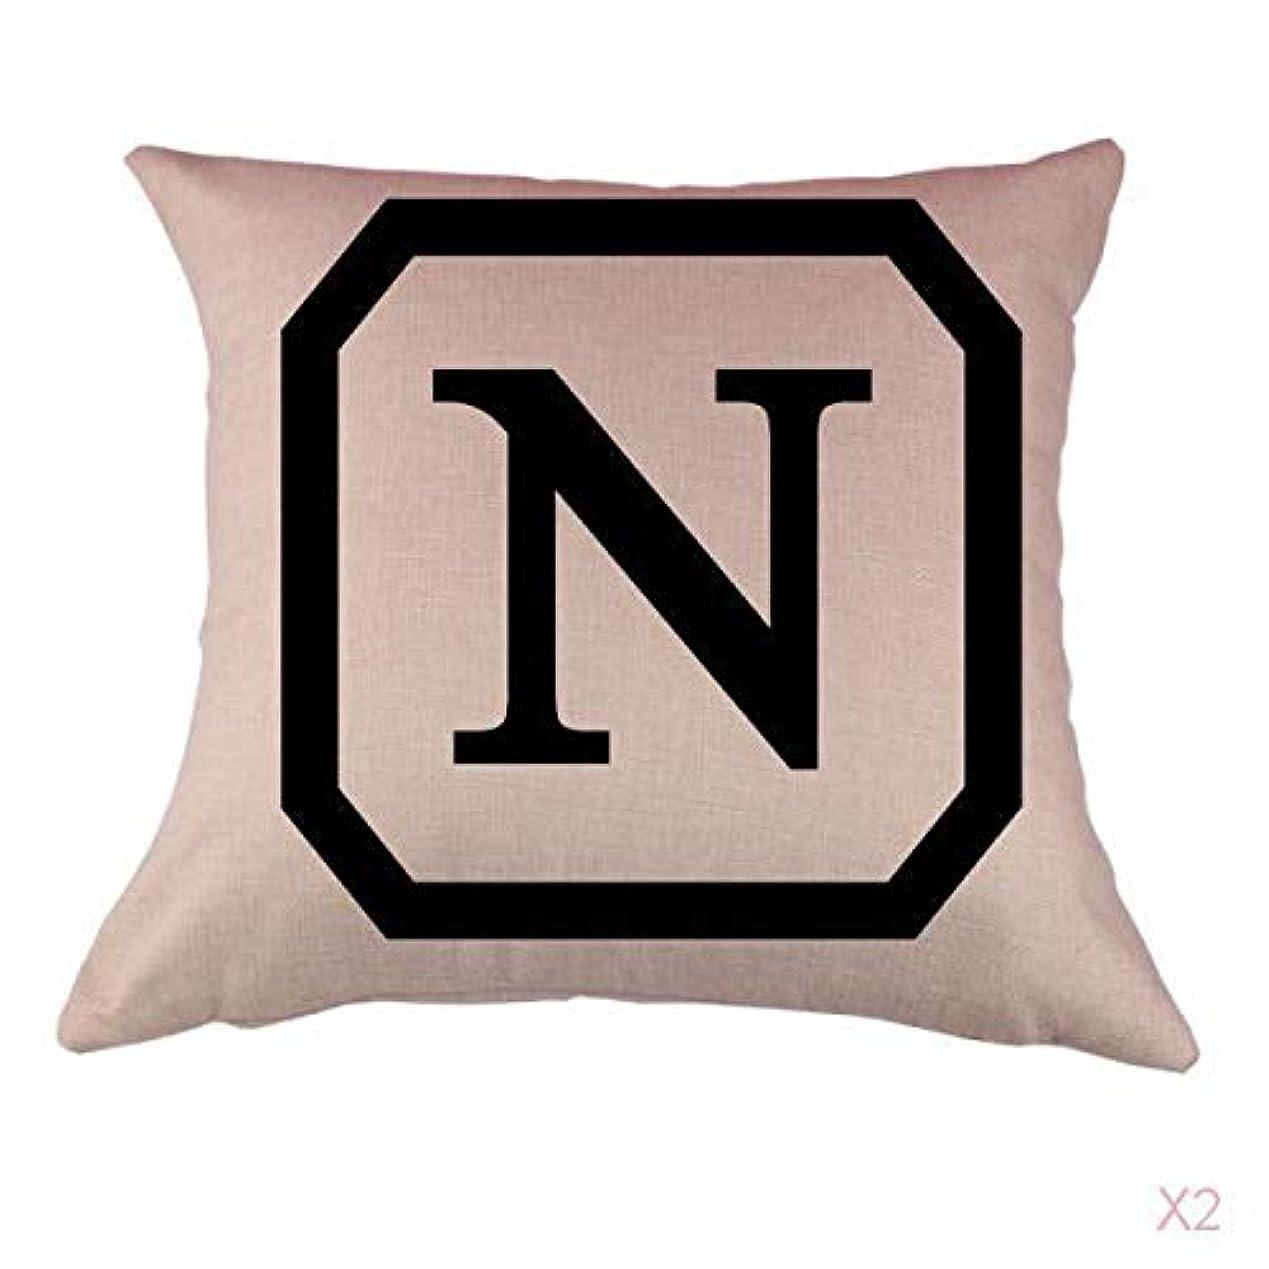 コーラス抑制テレックスコットンリネンスロー枕カバークッションカバー家の装飾頭文字nを